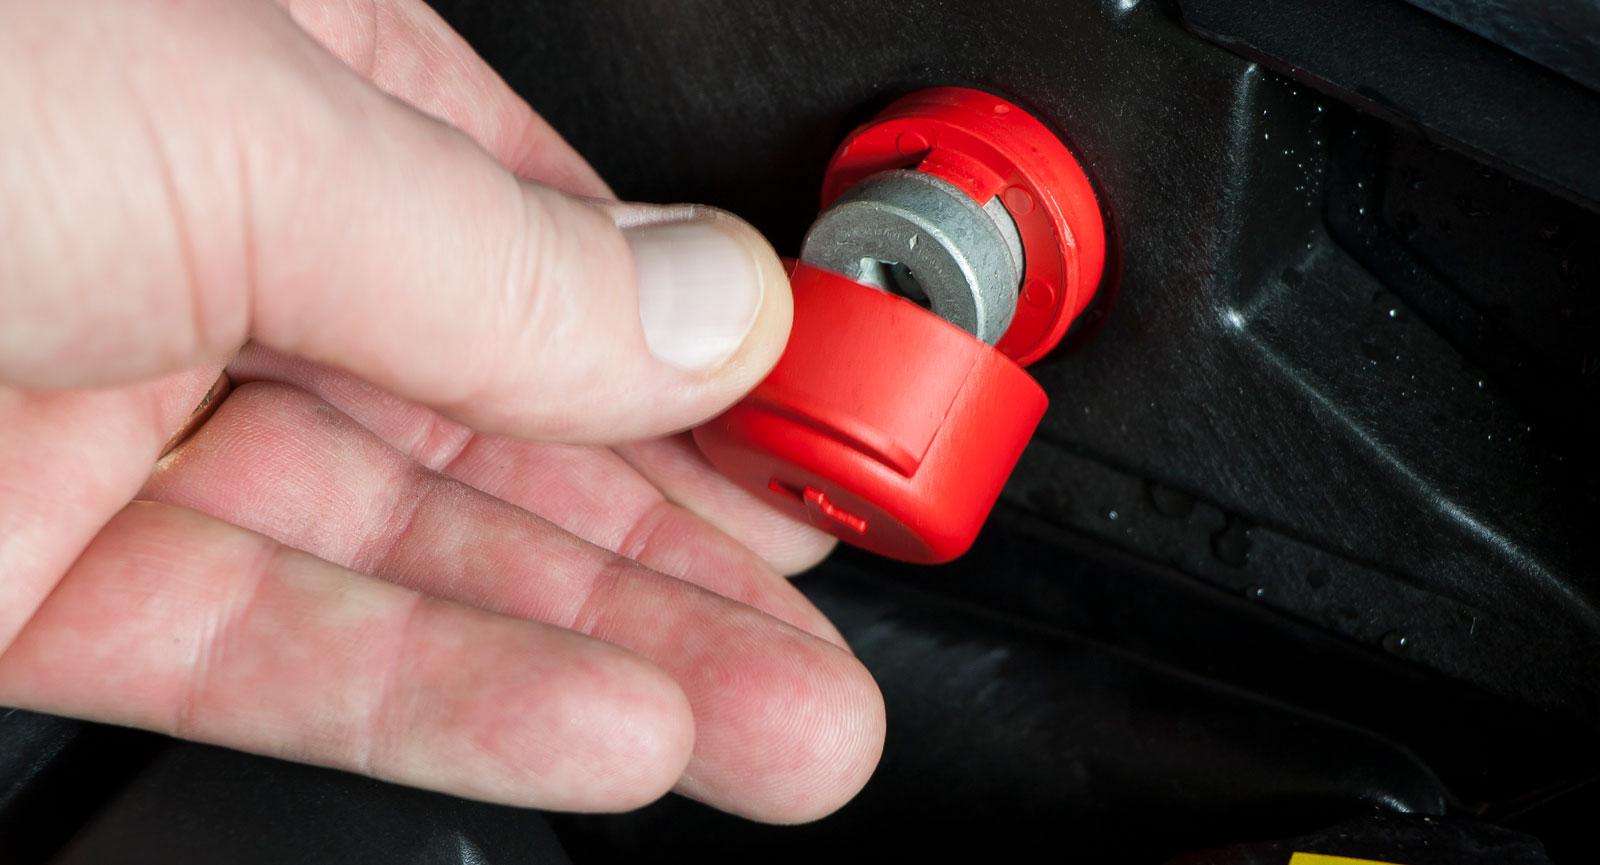 Pluspolen för batteriet är lätt åtkomlig i motorutrymmet i alla tre, här ses BMW:s.